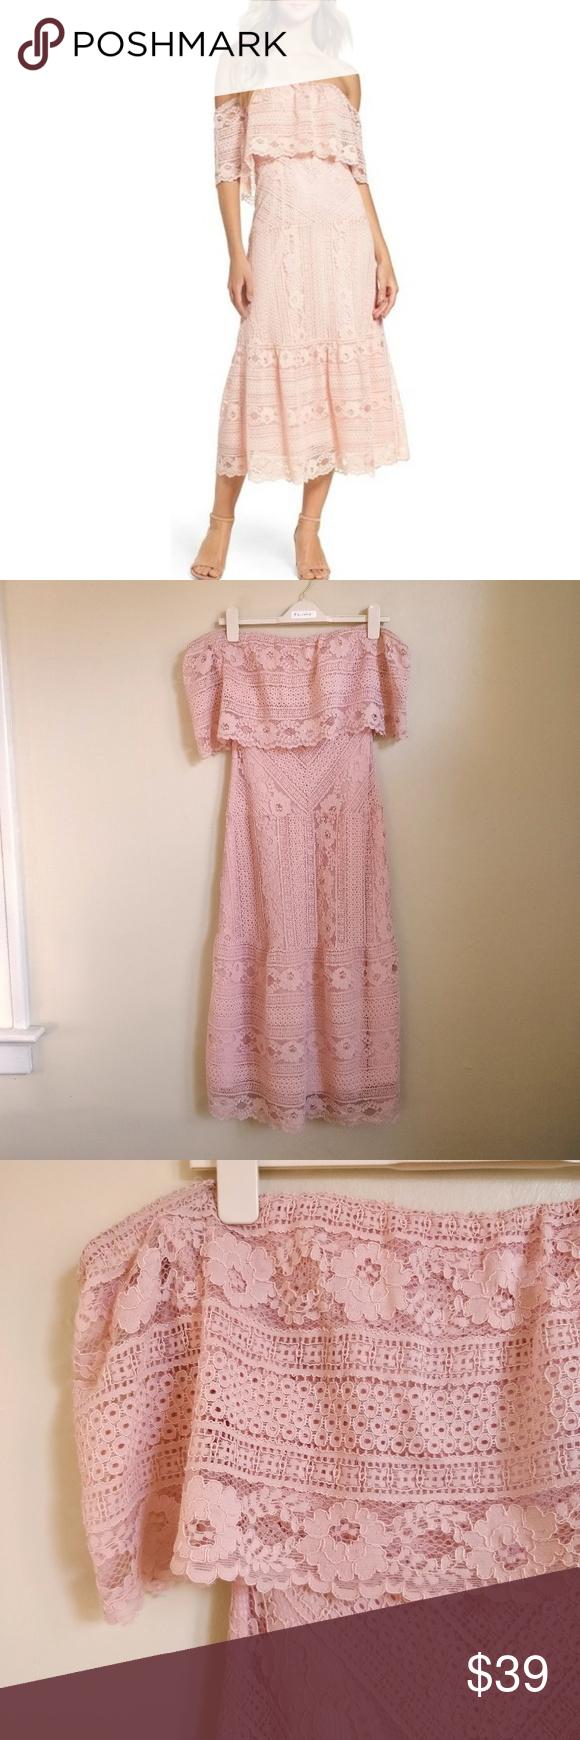 22+ Bb dakota katie lace midi dress trends